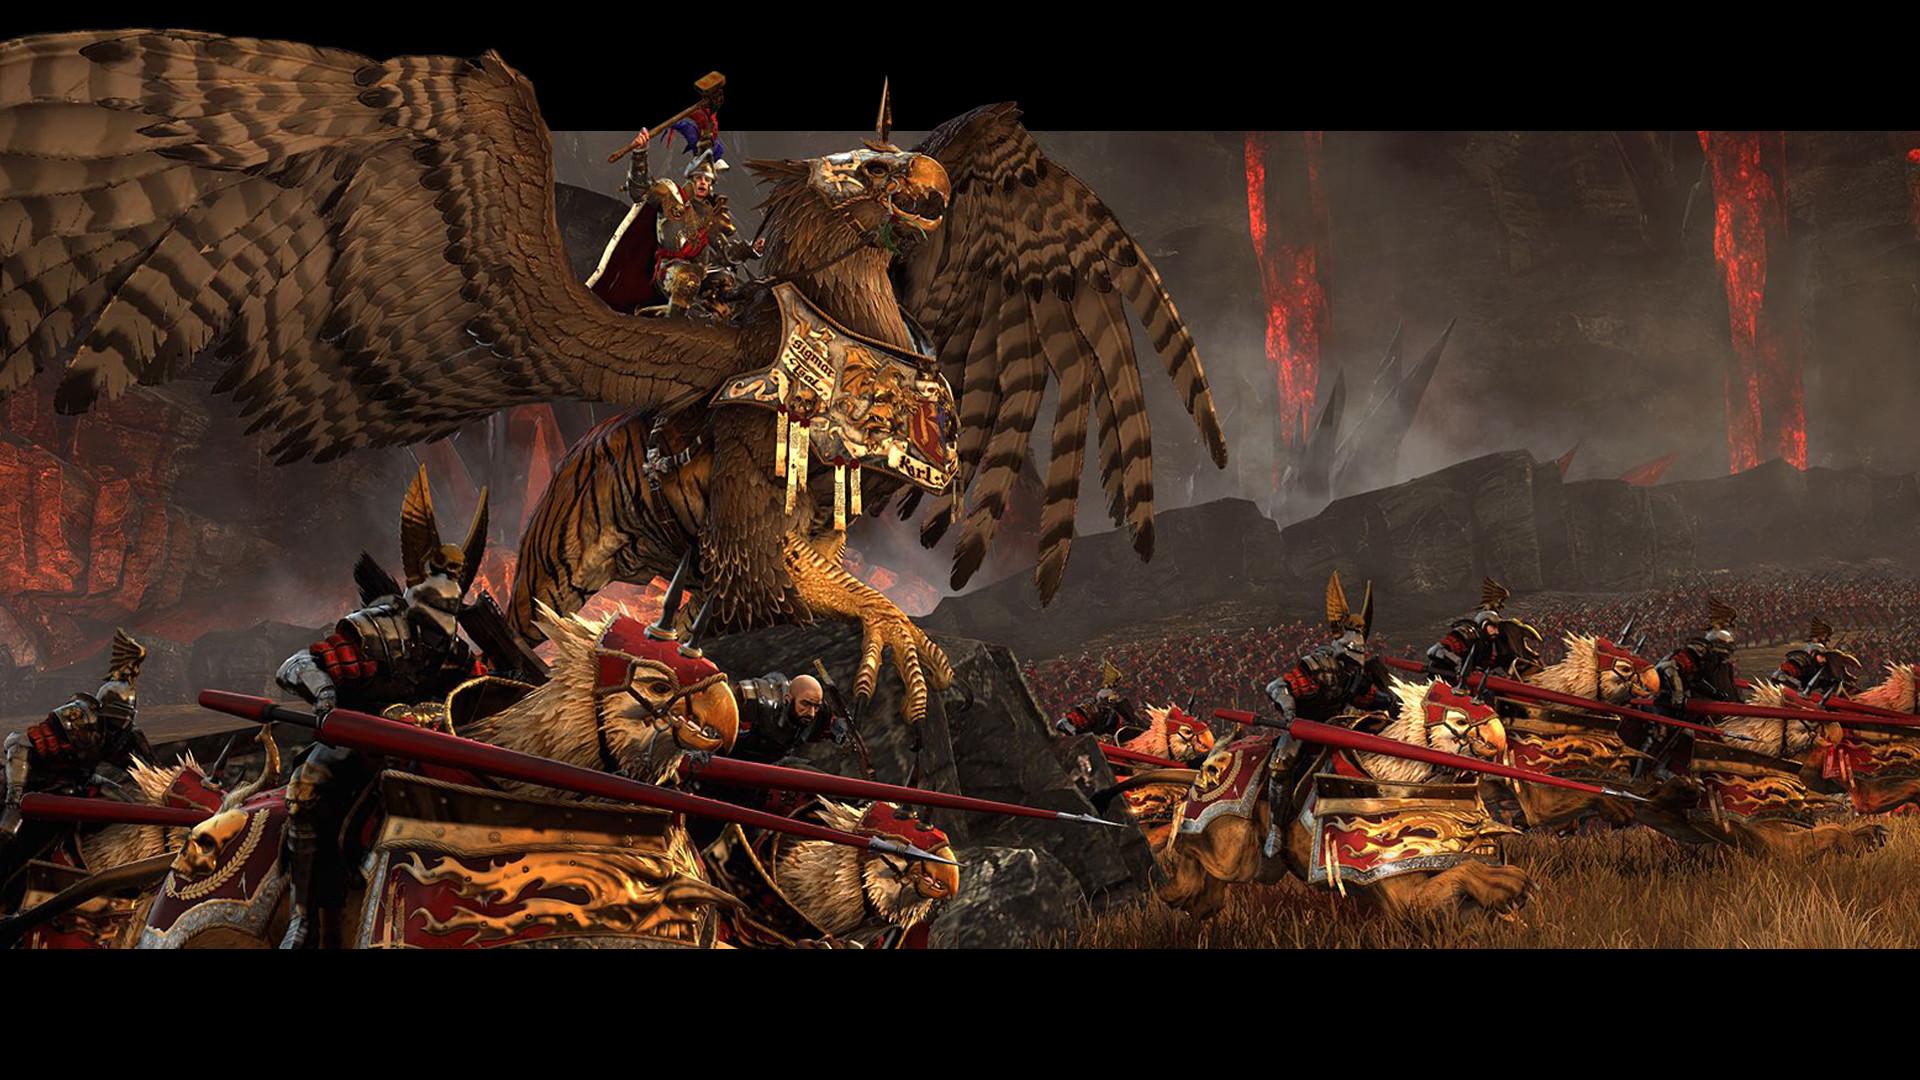 Total War: Warhammer Wallpapers hd Total War: Warhammer Backgrounds